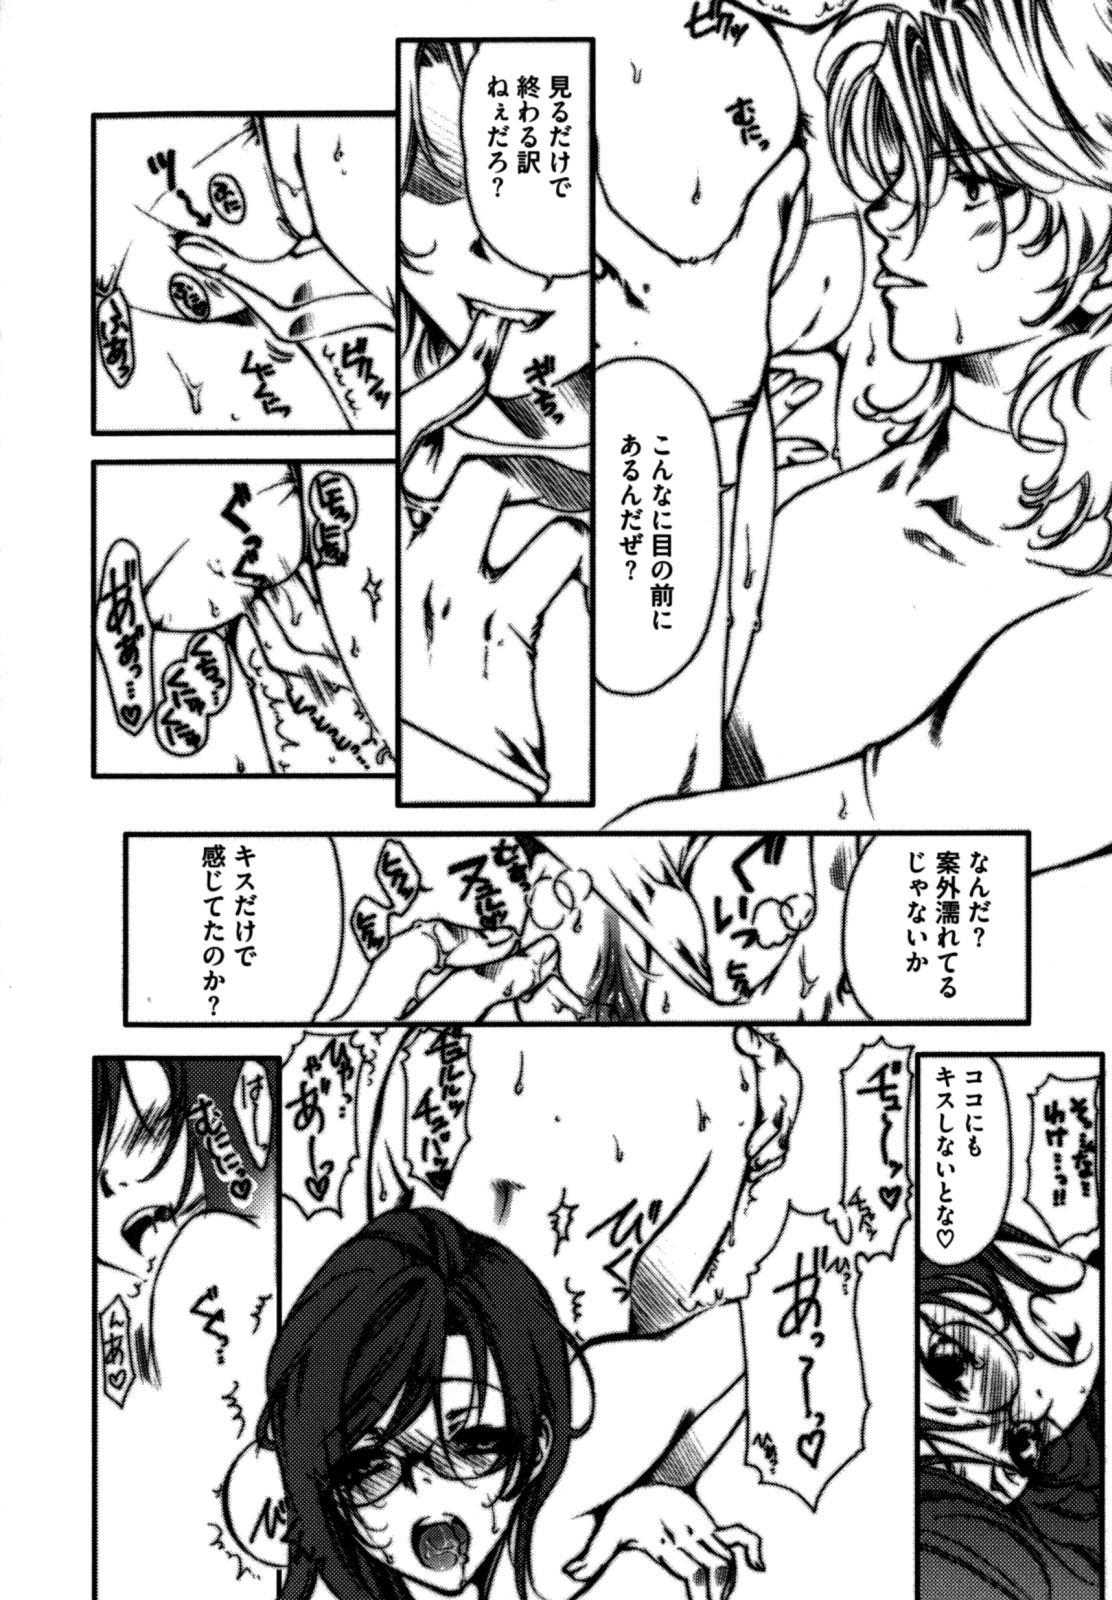 Shikijou no Erosu 167